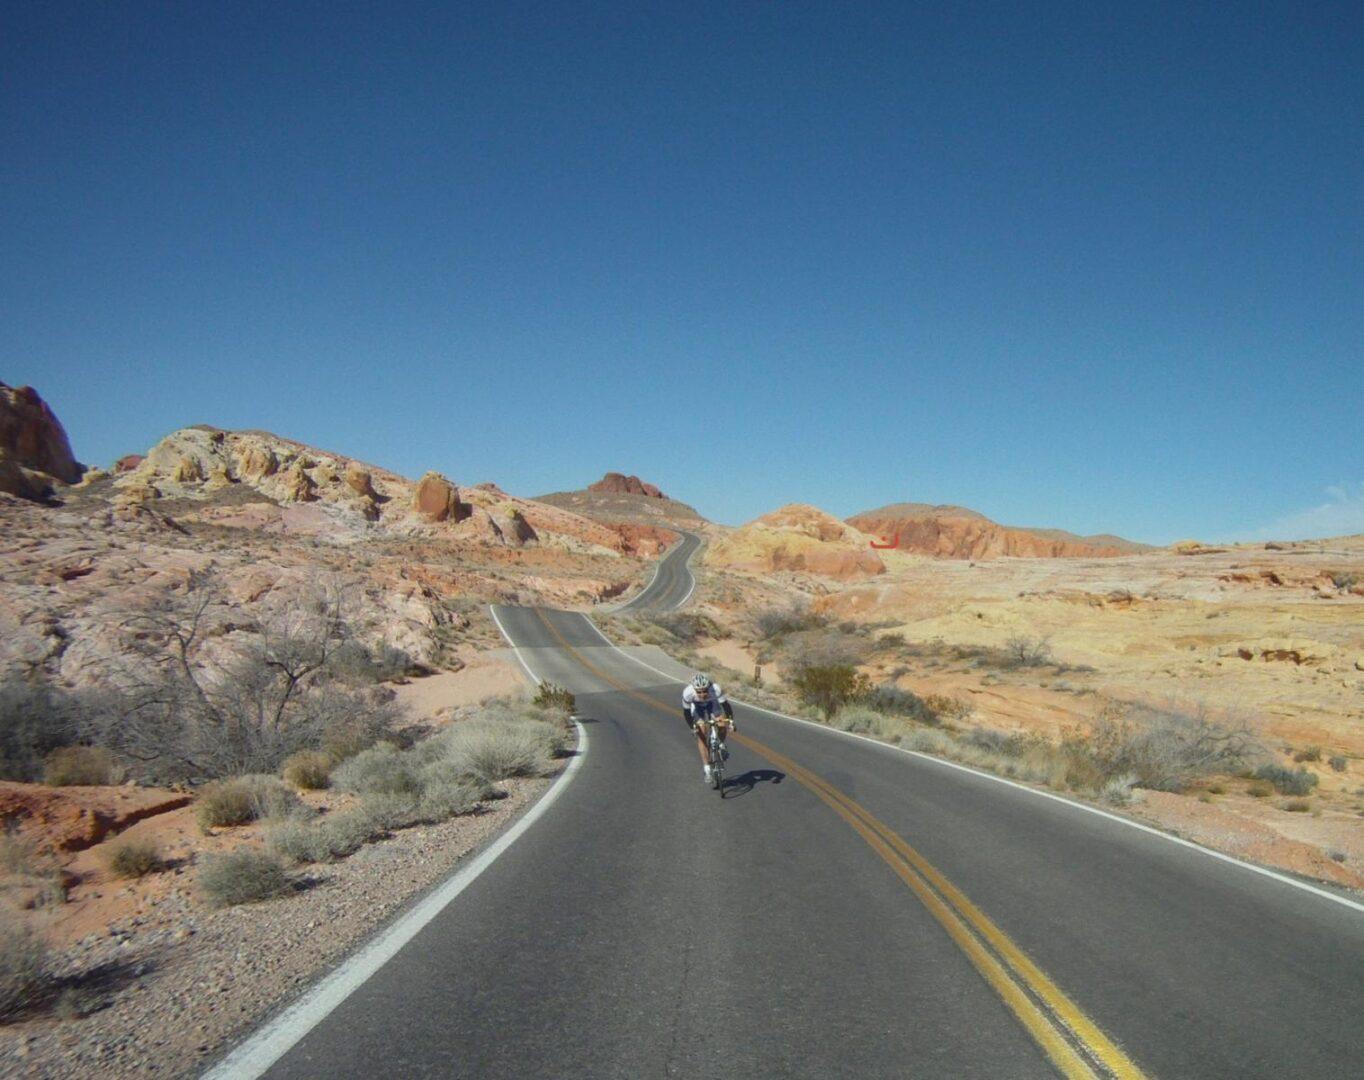 Las_Vegas_et_le_Parc_national_de_Death_Valley